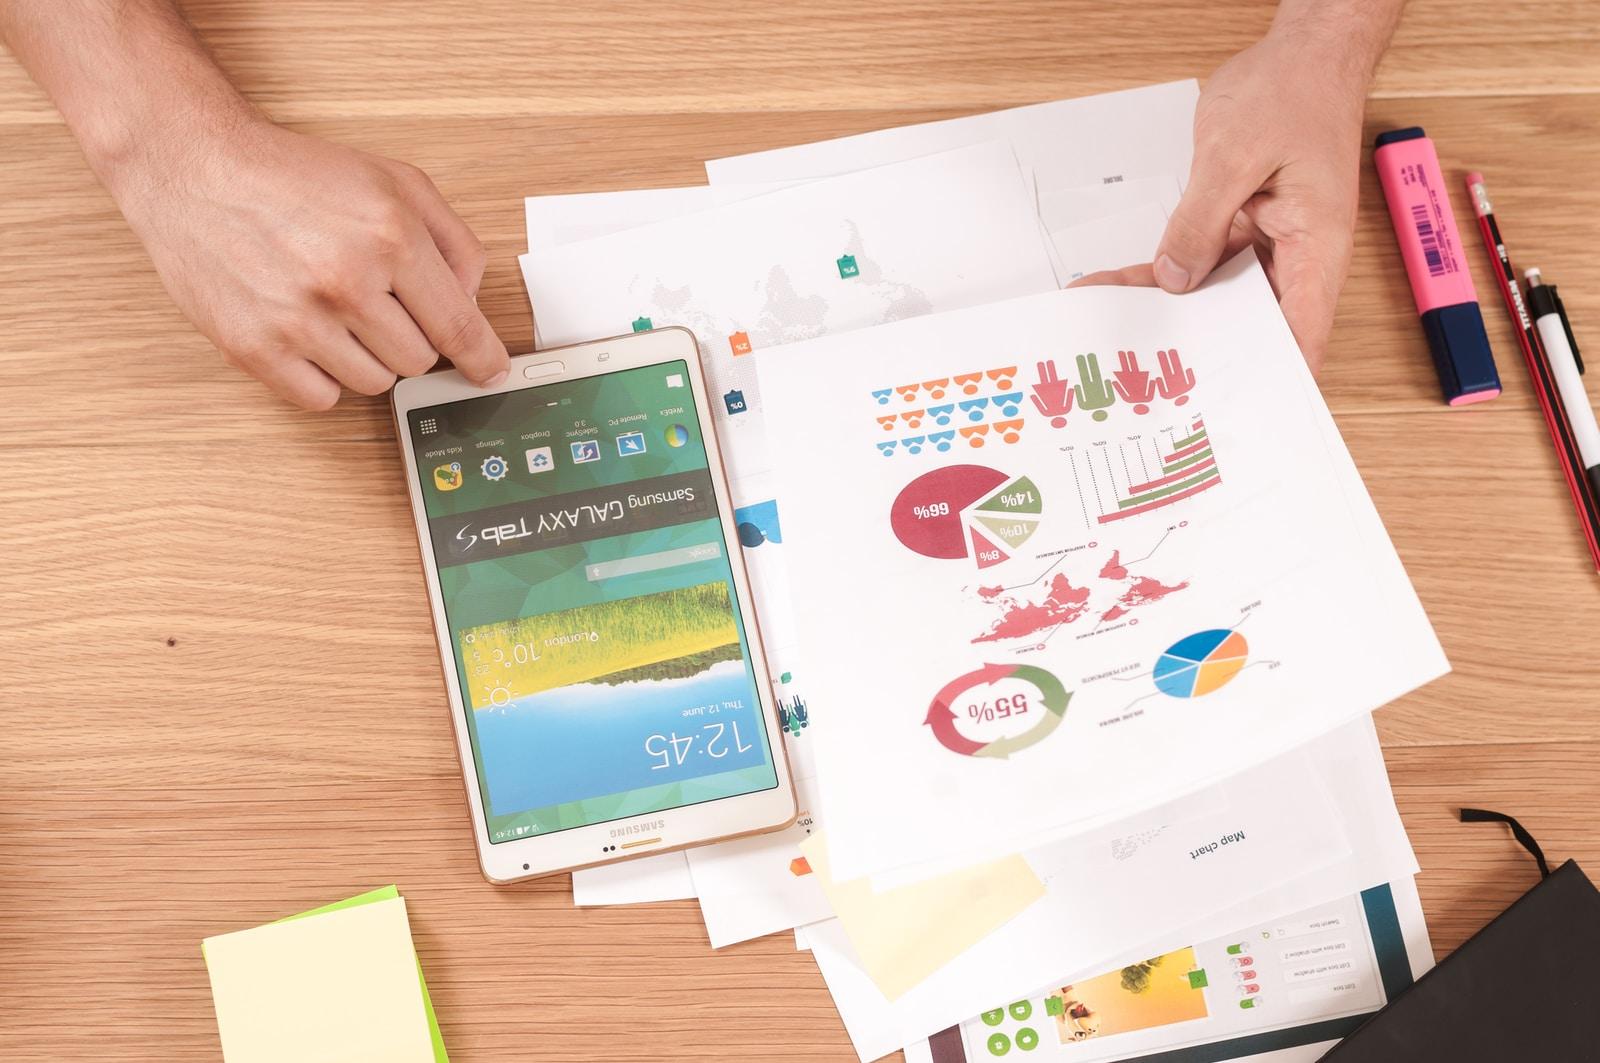 Brucira's Tips For Fintech UX Design